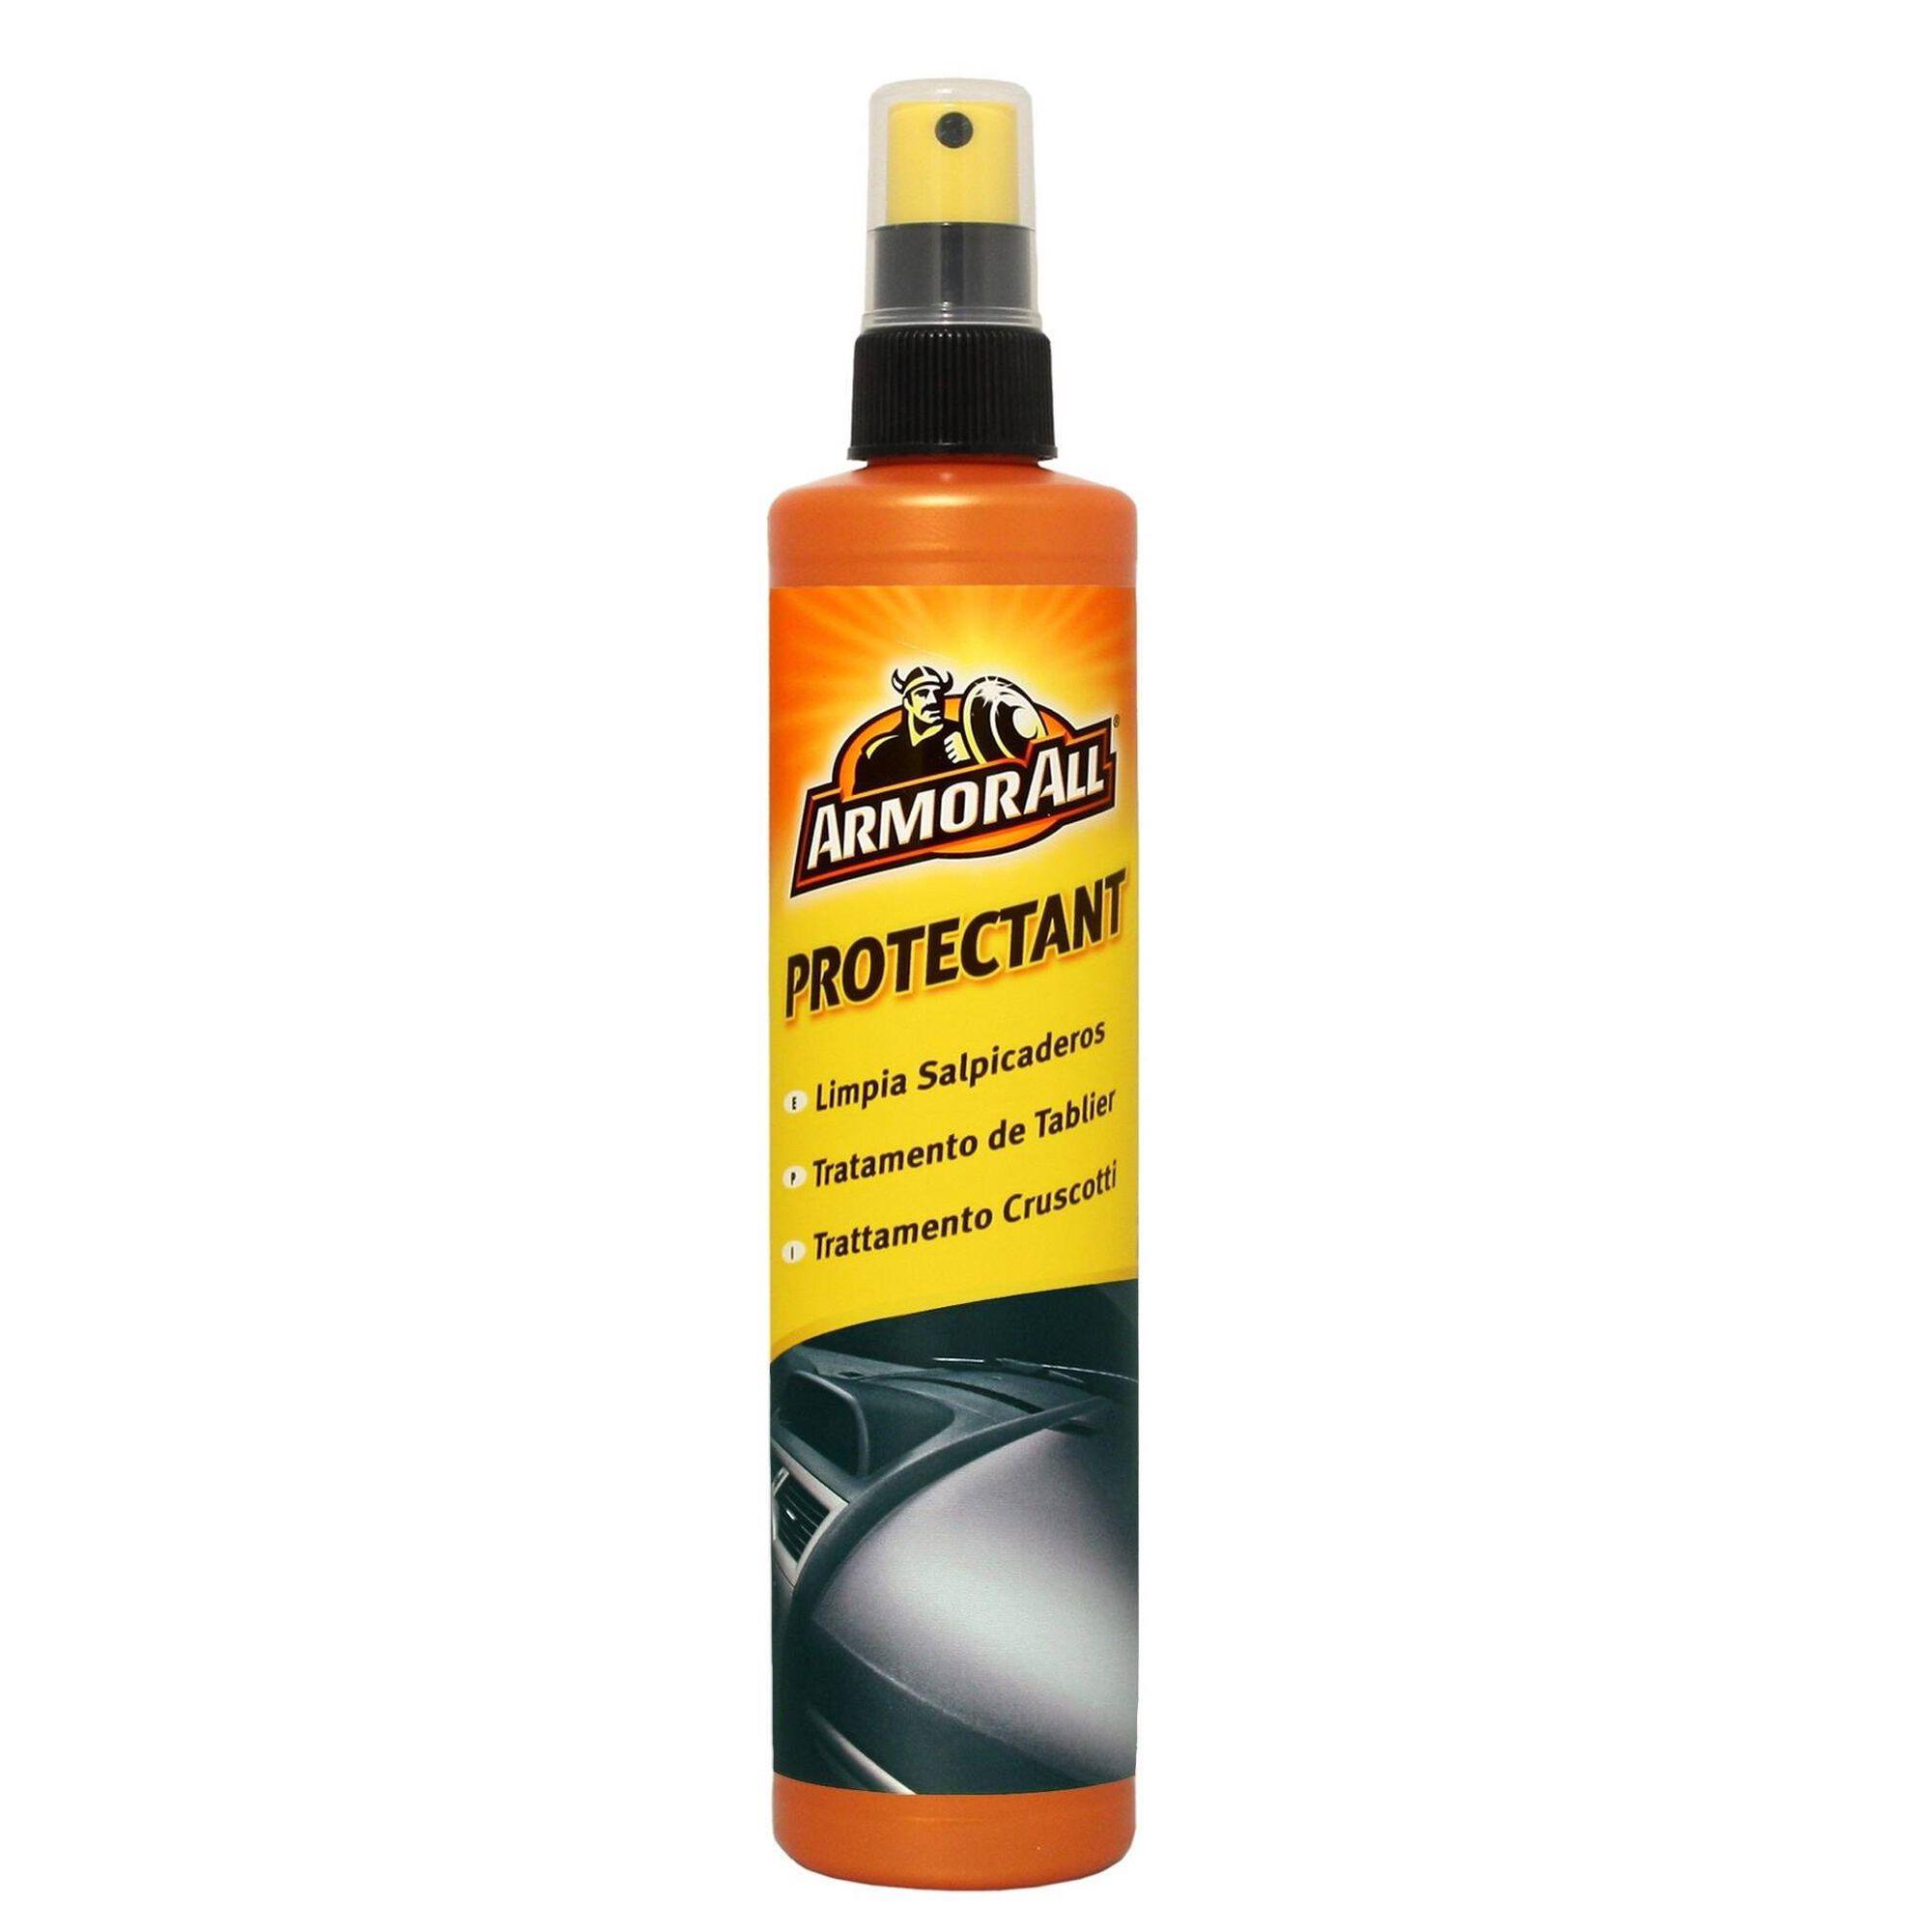 Spray Limpeza de Tablier Protectant